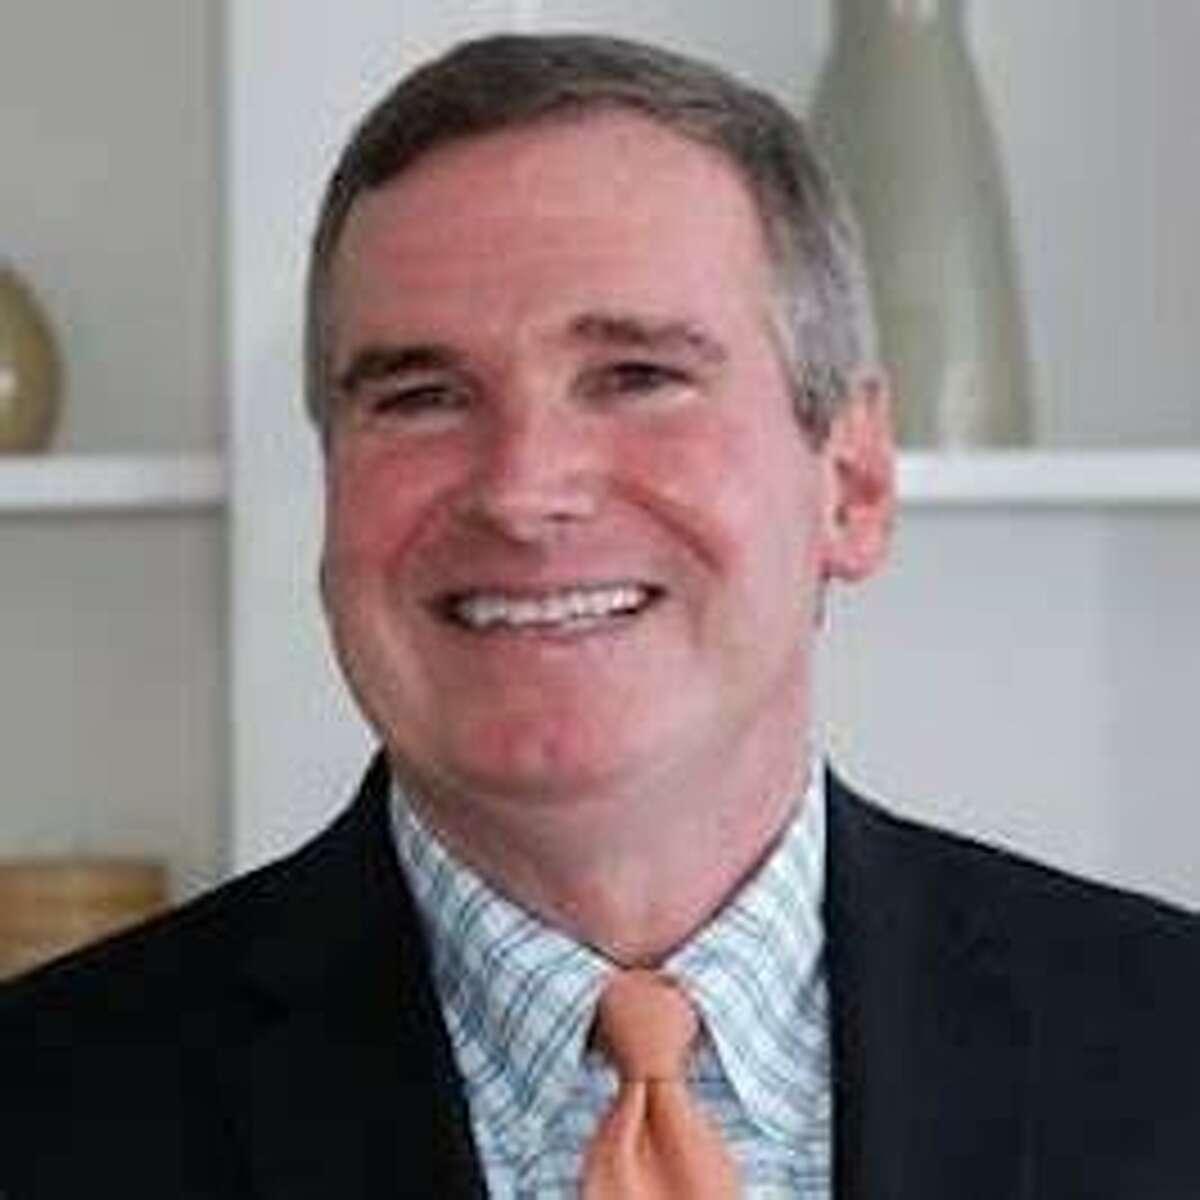 John Hamilton, CEO and president of Liberation Programs